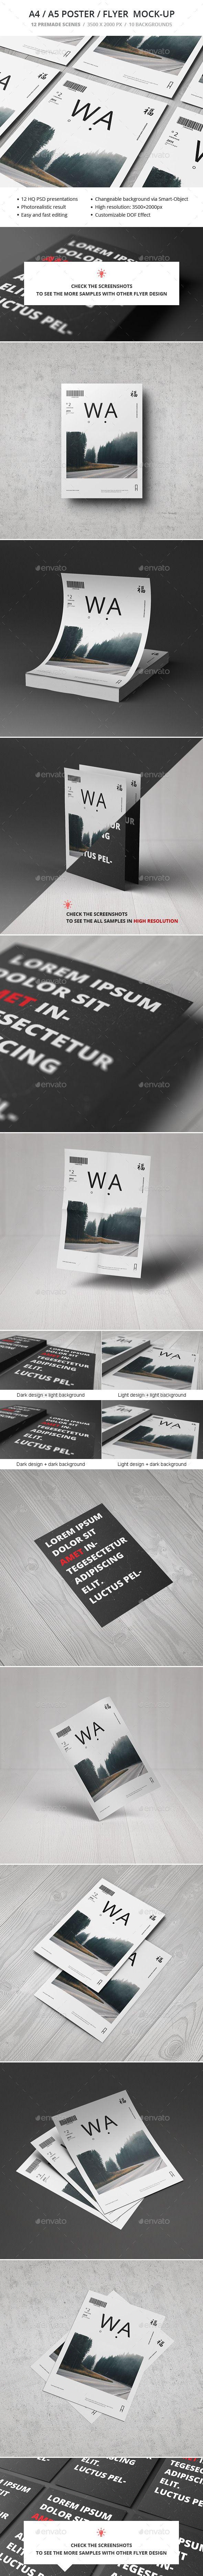 A4 / A5 / Poster / Flyer Mockup #design #presentation 7$ Download: http://graphicriver.net/item/a4-a5-poster-flyer-mockup/10989492?ref=ksioks